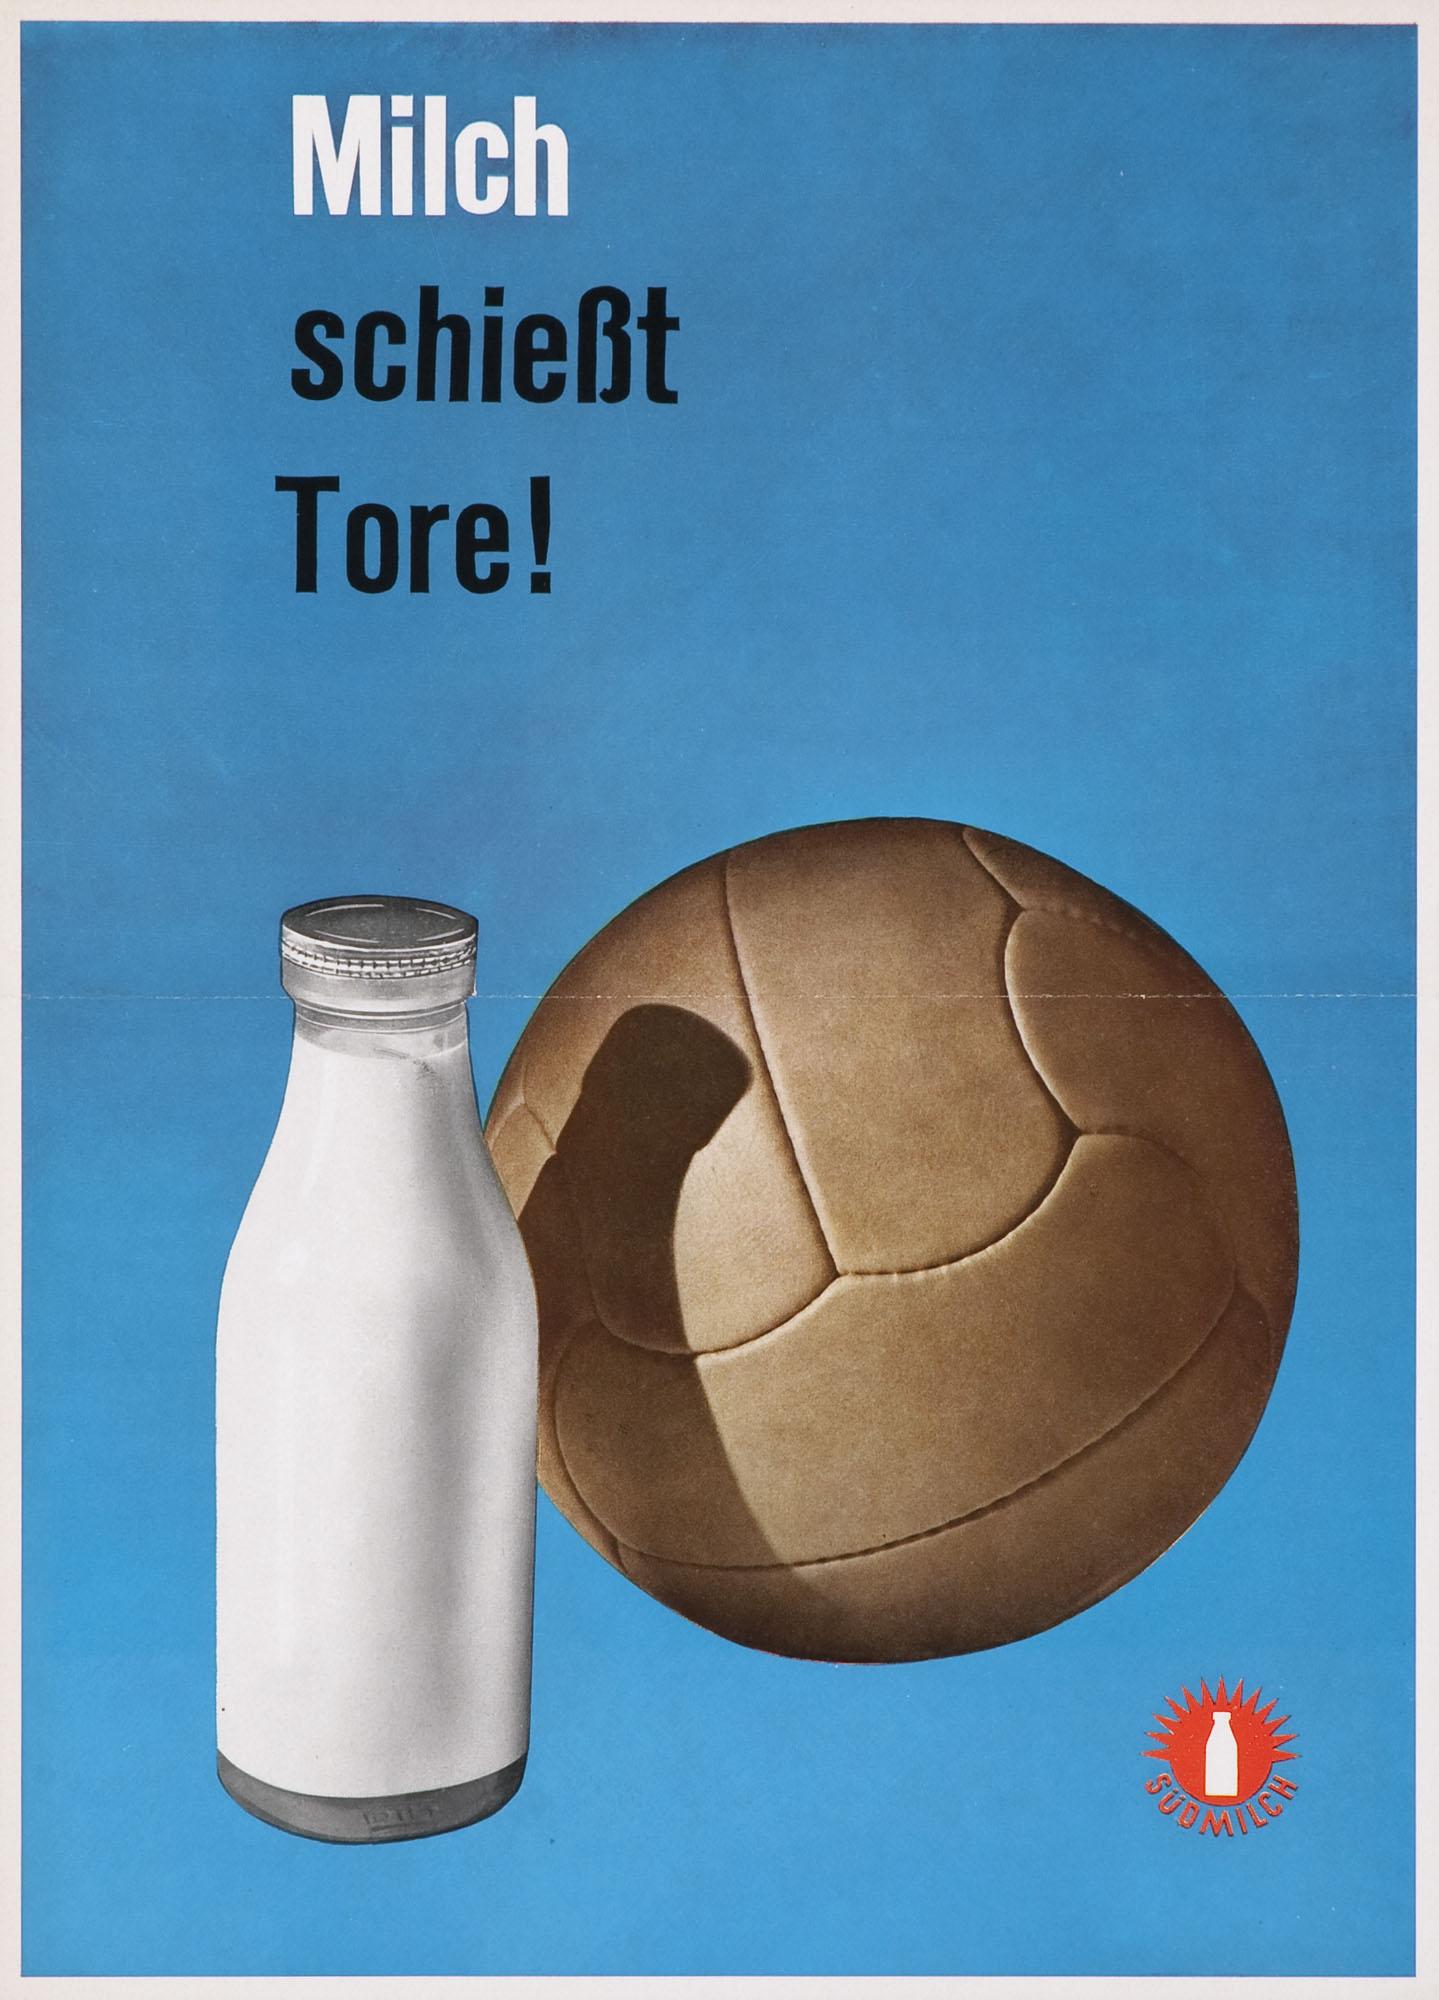 Milch macht jung und schön Anton Stankowski Plakat